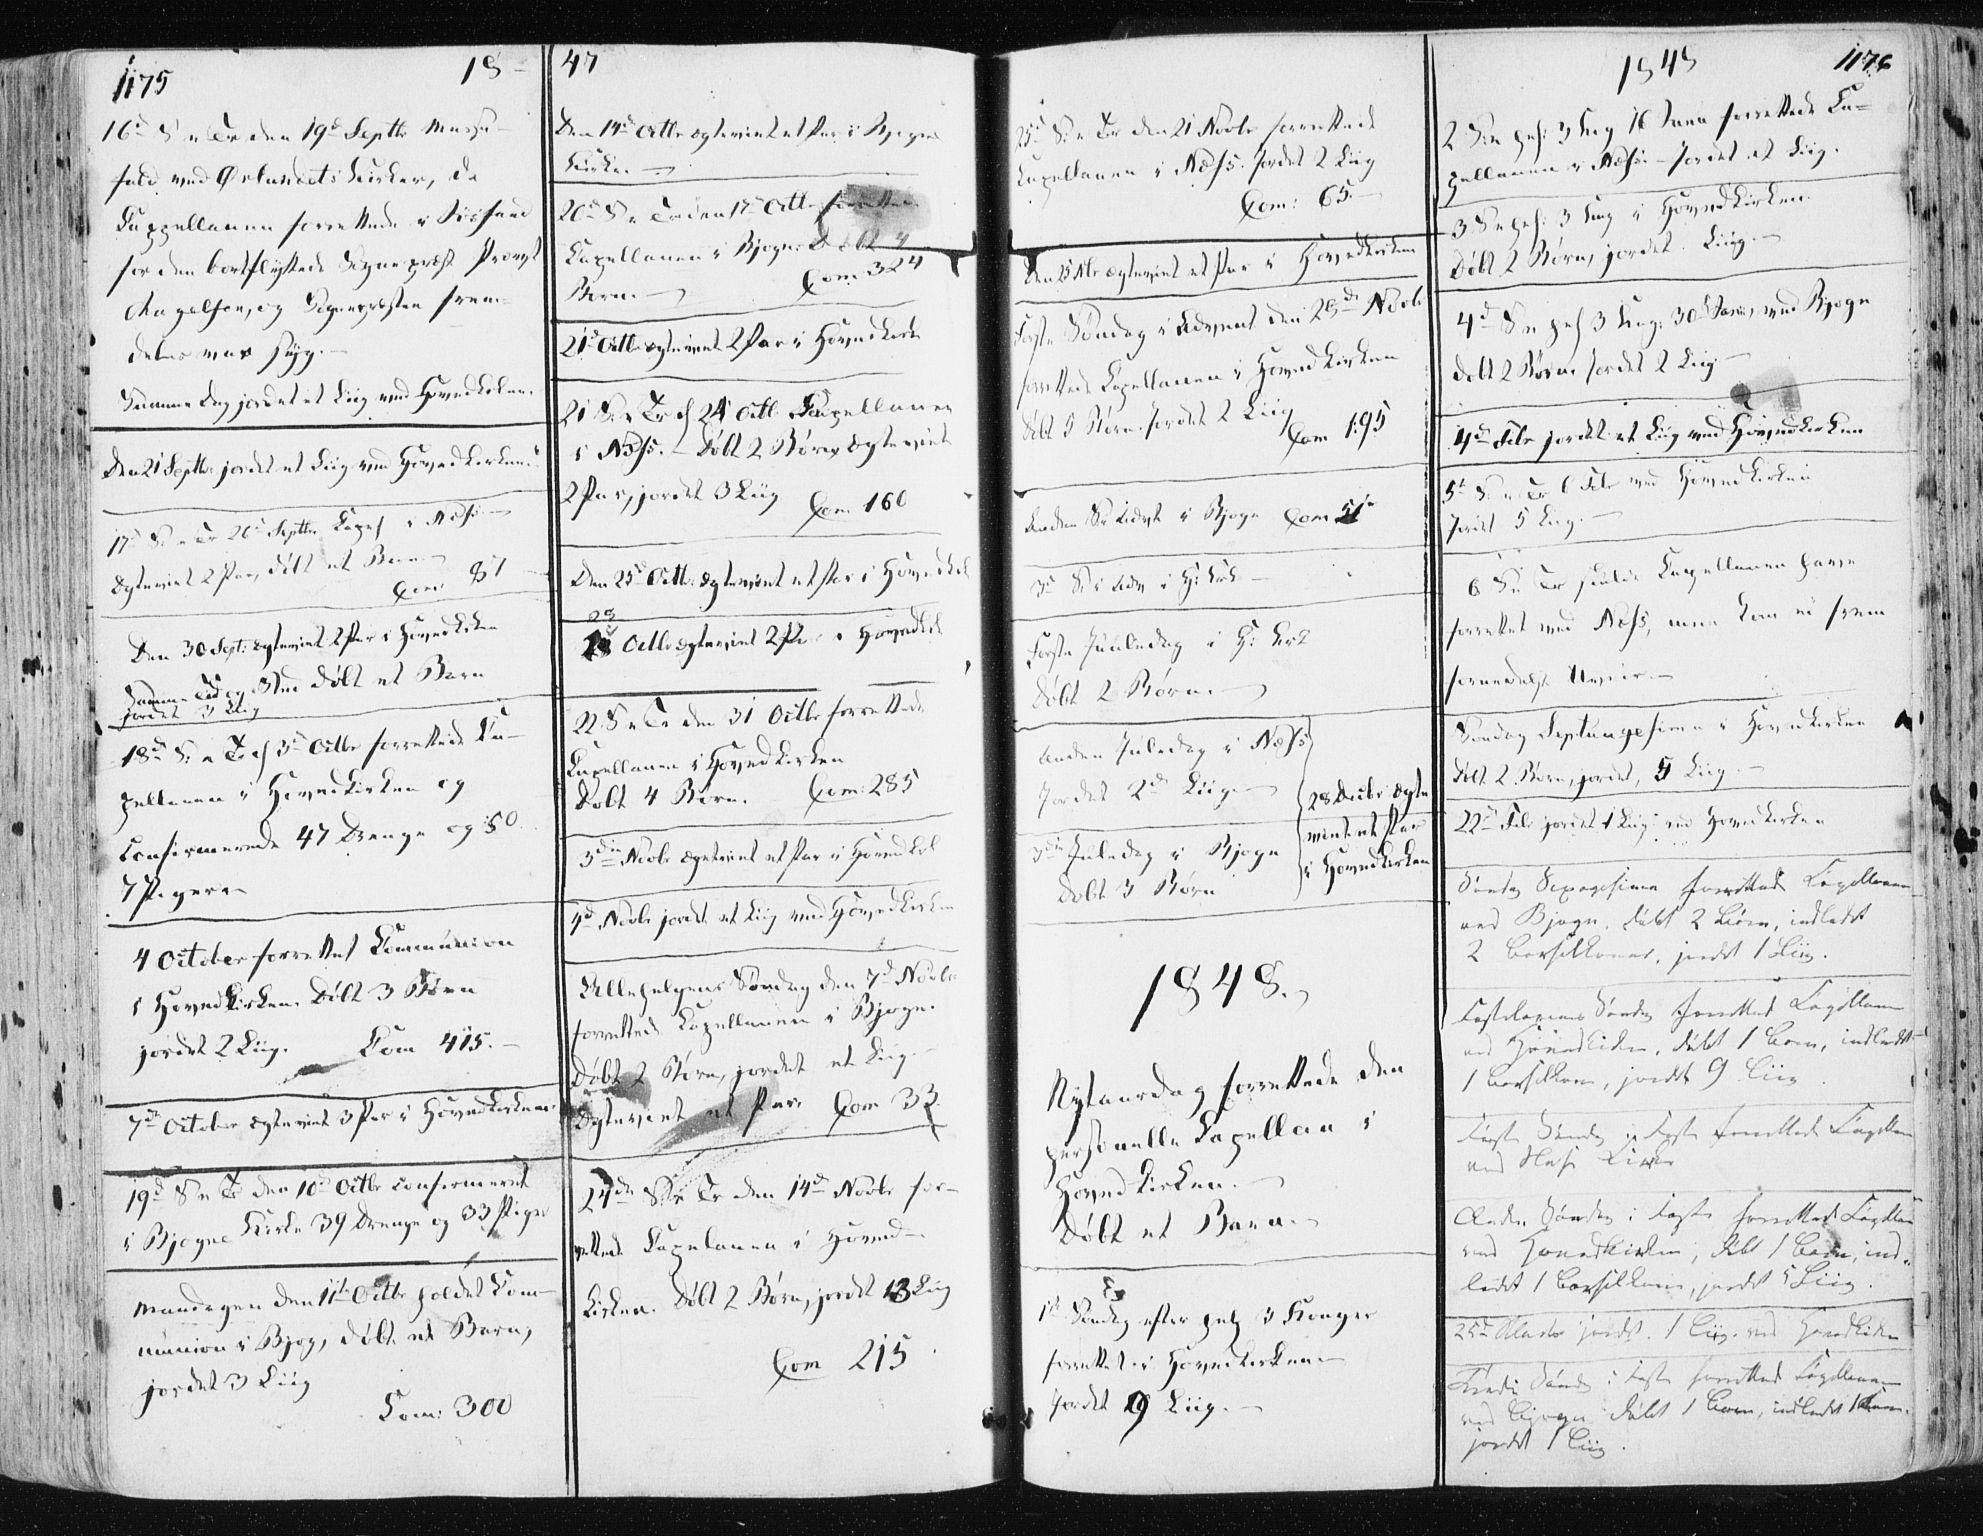 SAT, Ministerialprotokoller, klokkerbøker og fødselsregistre - Sør-Trøndelag, 659/L0736: Ministerialbok nr. 659A06, 1842-1856, s. 1175-1176